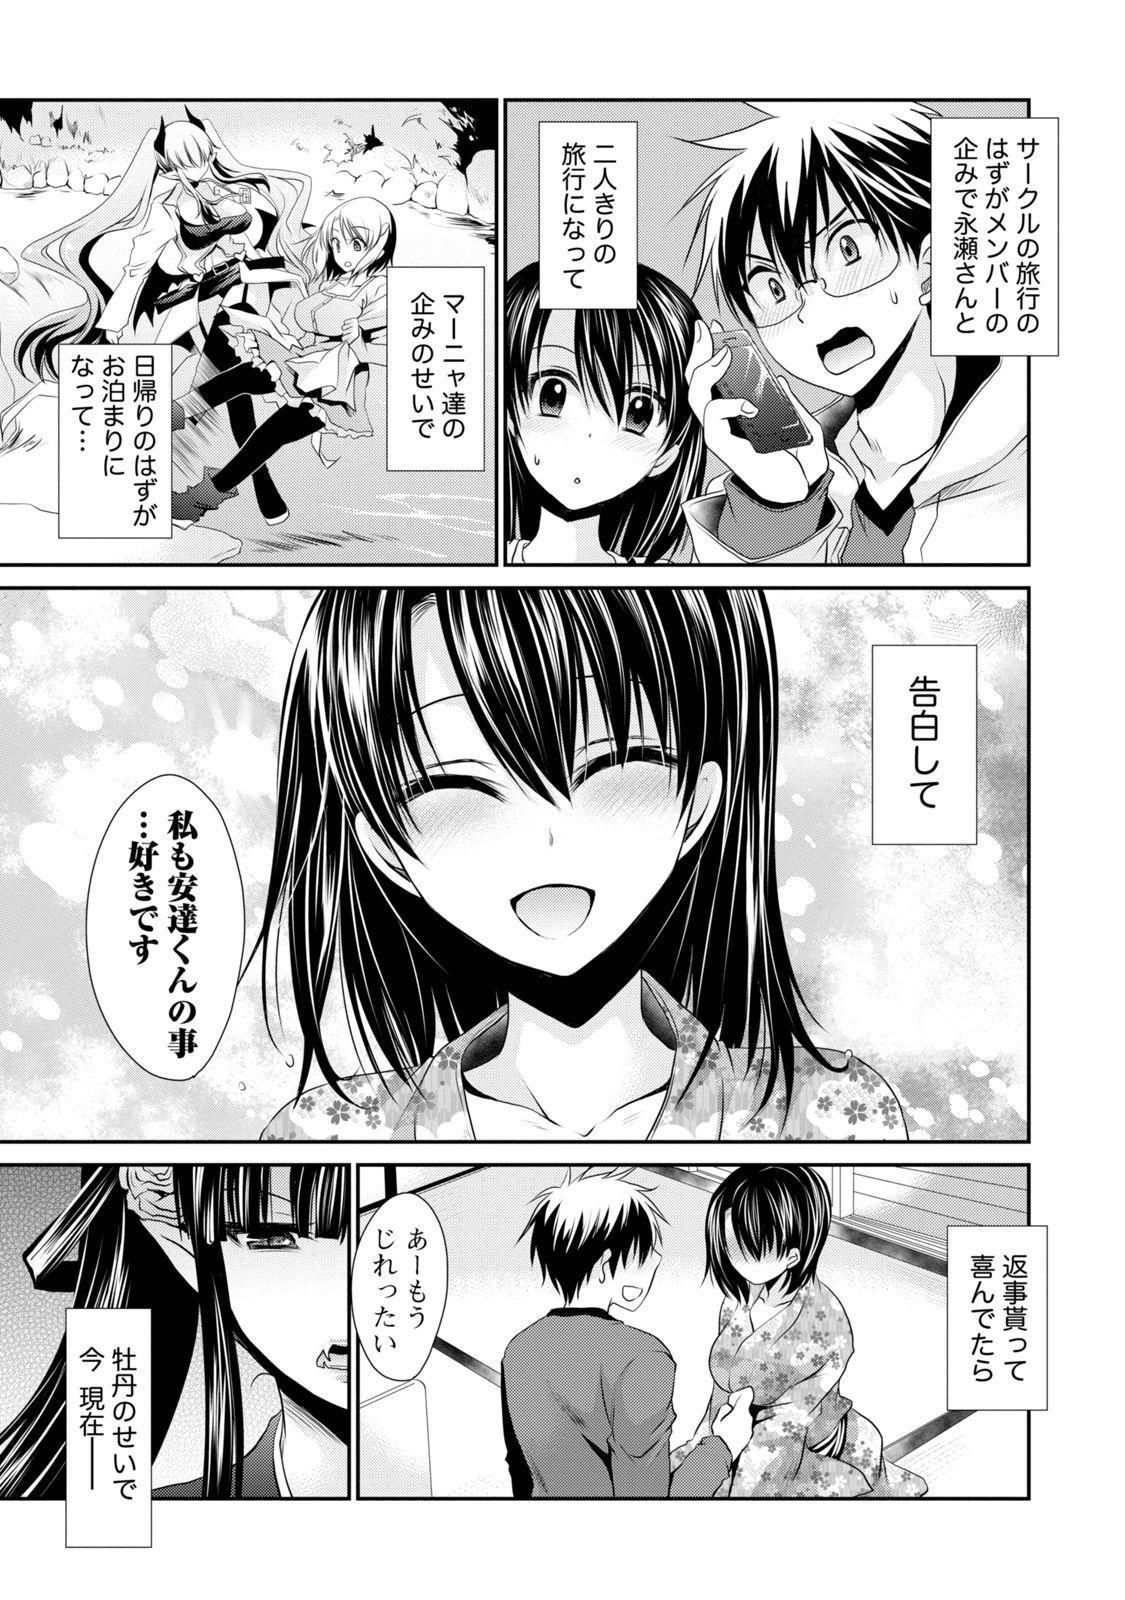 Ore to Kanojo to Owaru Sekai - World's end LoveStory 1 169